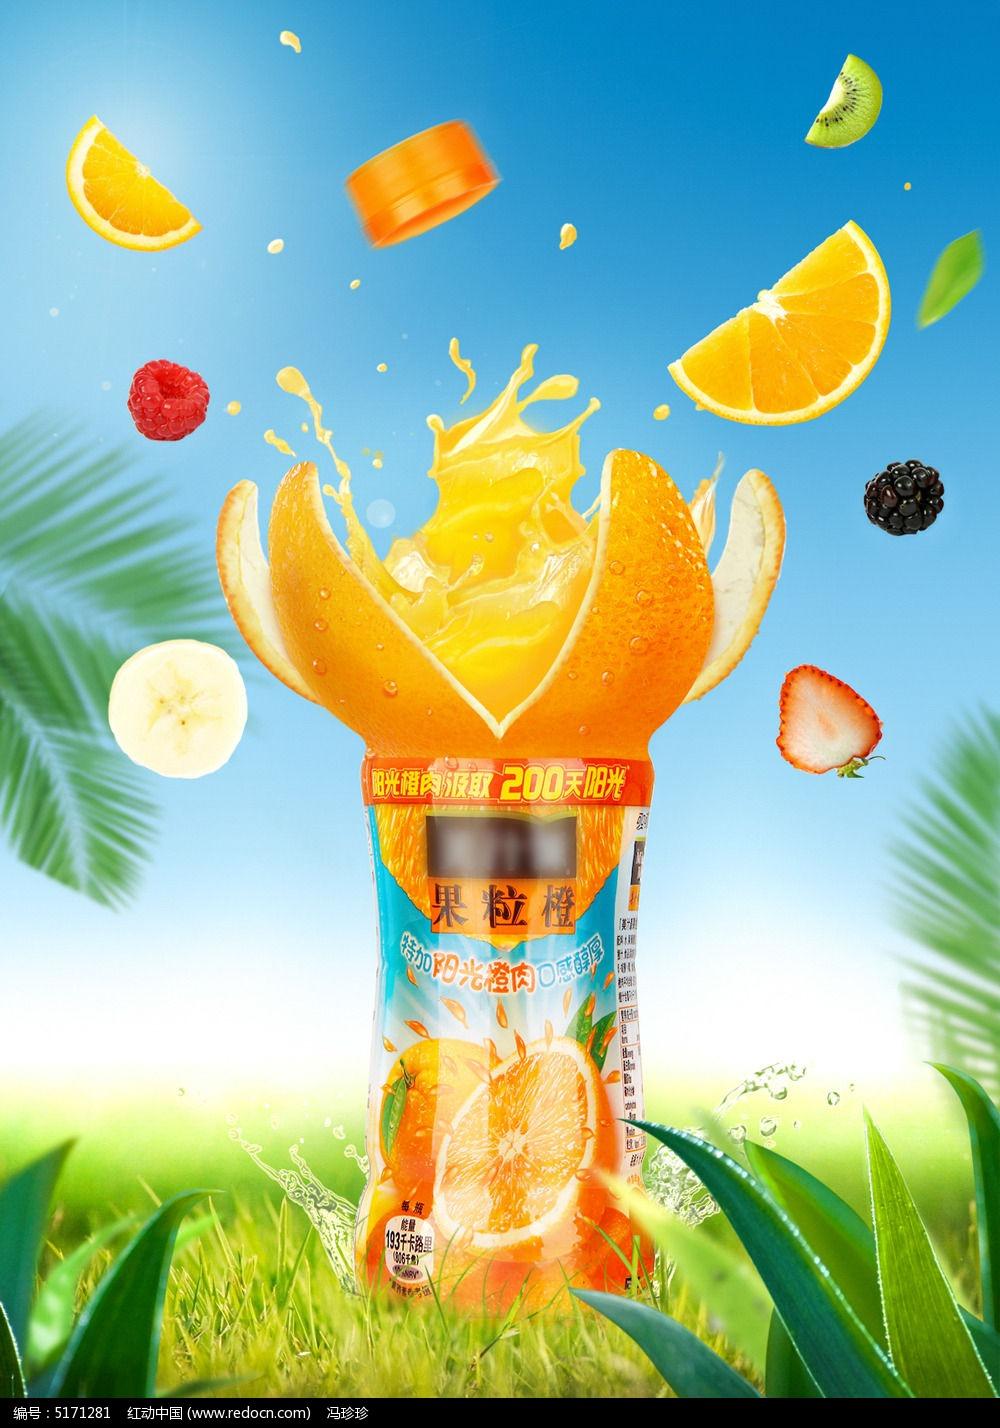 橙子橙汁果粒橙饮料创意合成海报图片